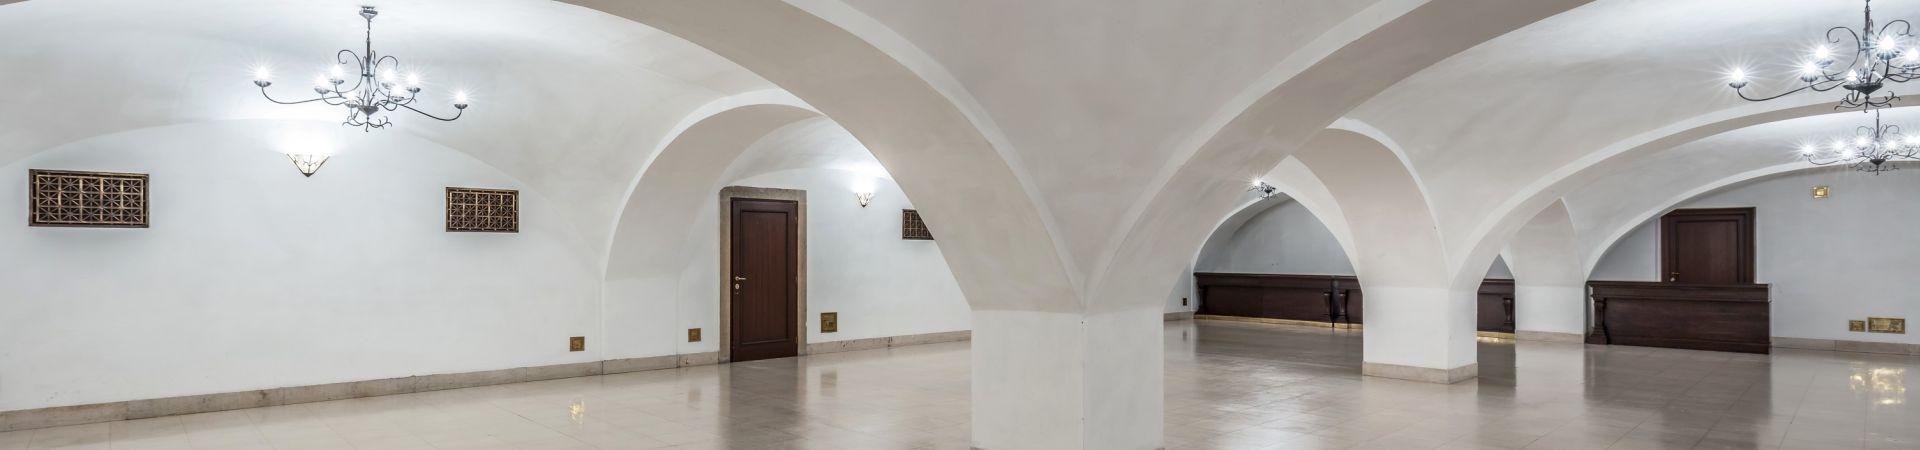 Palác Žofín - Rytířský sál